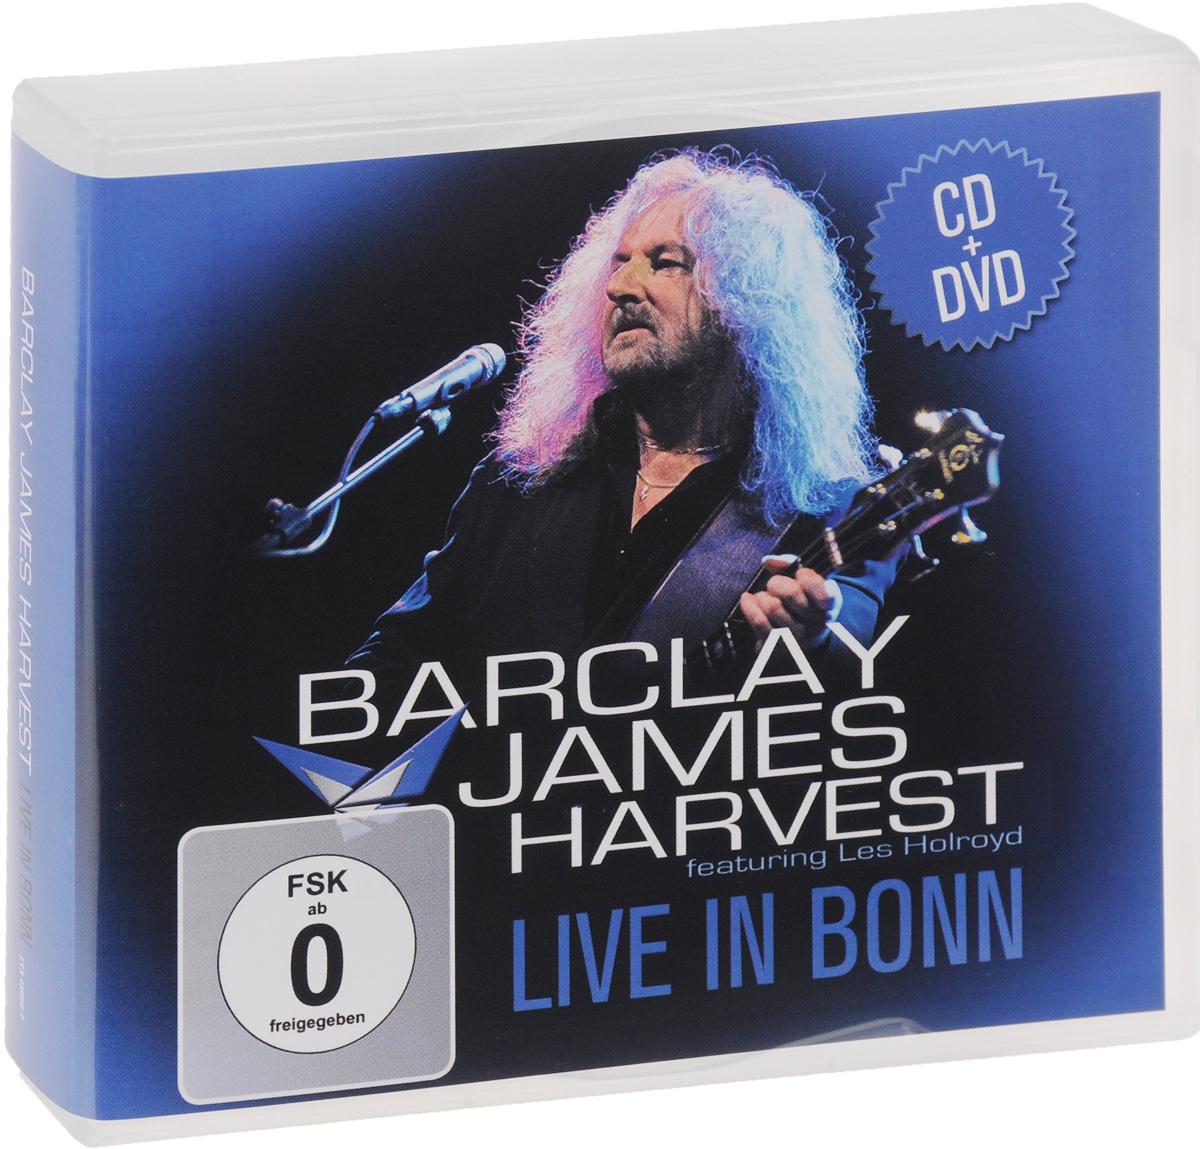 лучшая цена Barclay James Harvest,Лес Холроид Barclay James Harvest. Les Holroyd. Live In Bonn (CD + DVD)